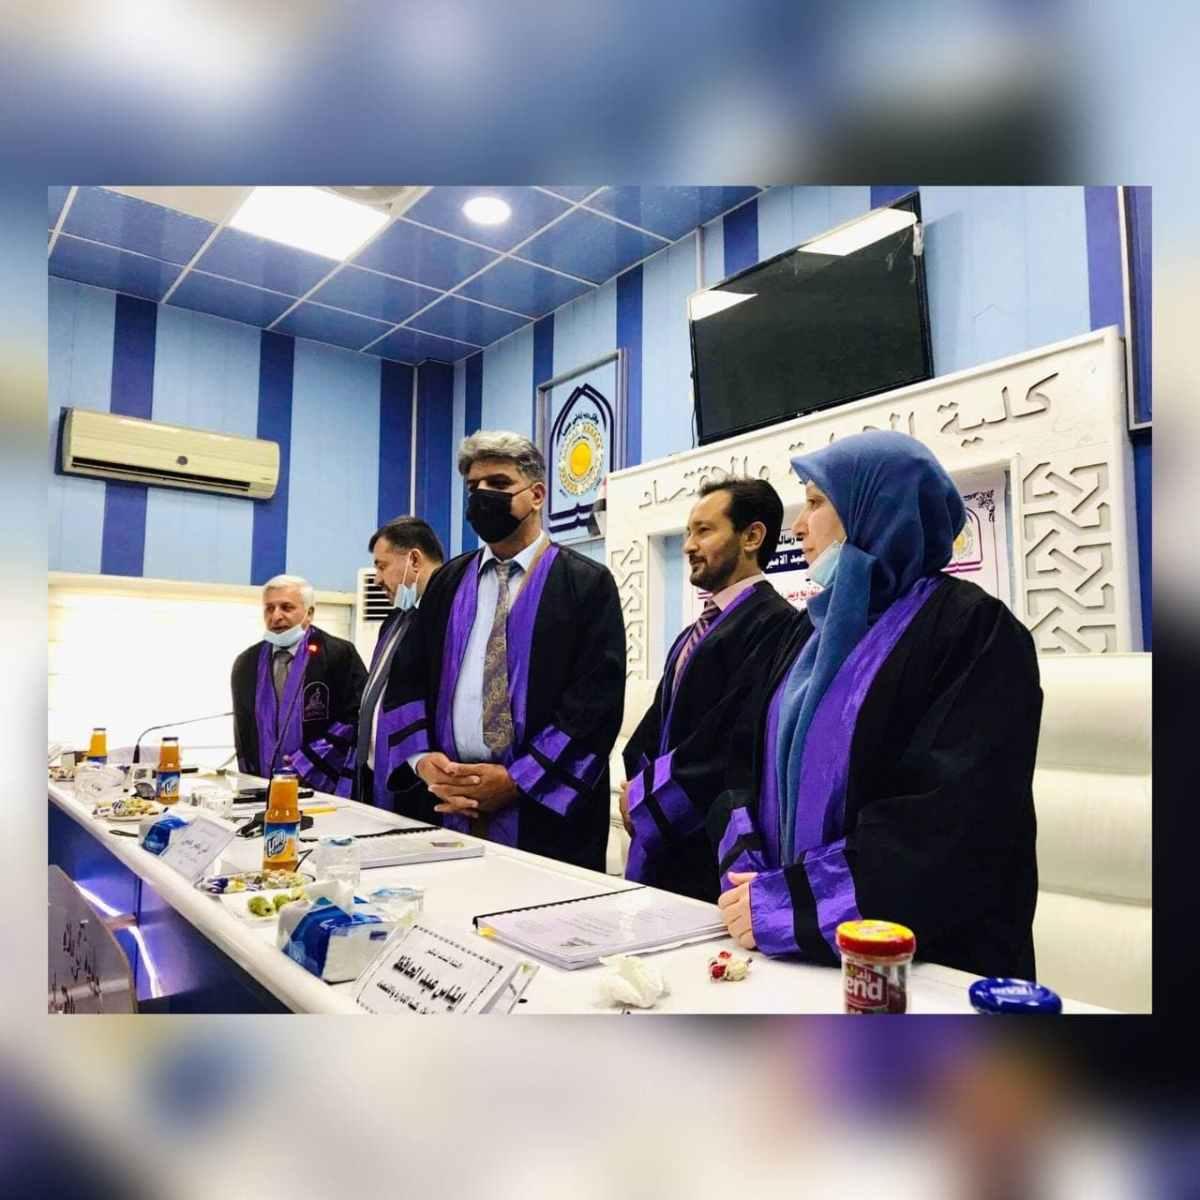 جامعة كربلاء تناقش رسالة الماجستير عن دالة الإنتروبي العامة الموزونة لتوزيع ويبل – باريتو مضاعف البتر